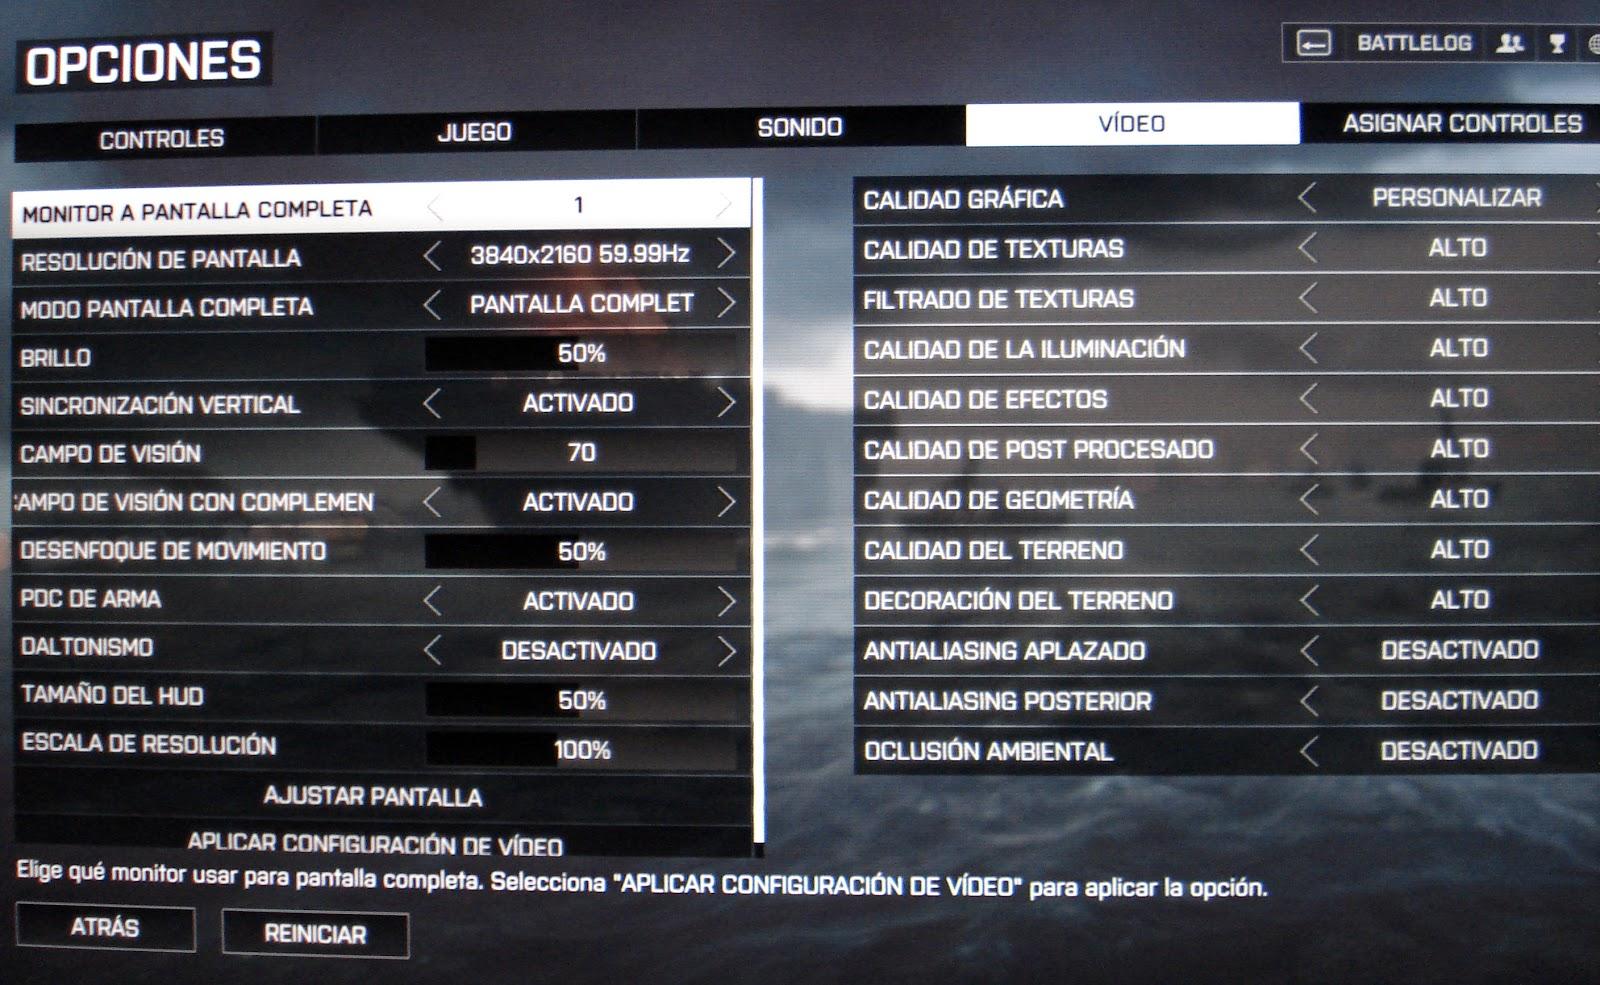 Battlefield 4 configuración a 4K calidad gráfica ALTO